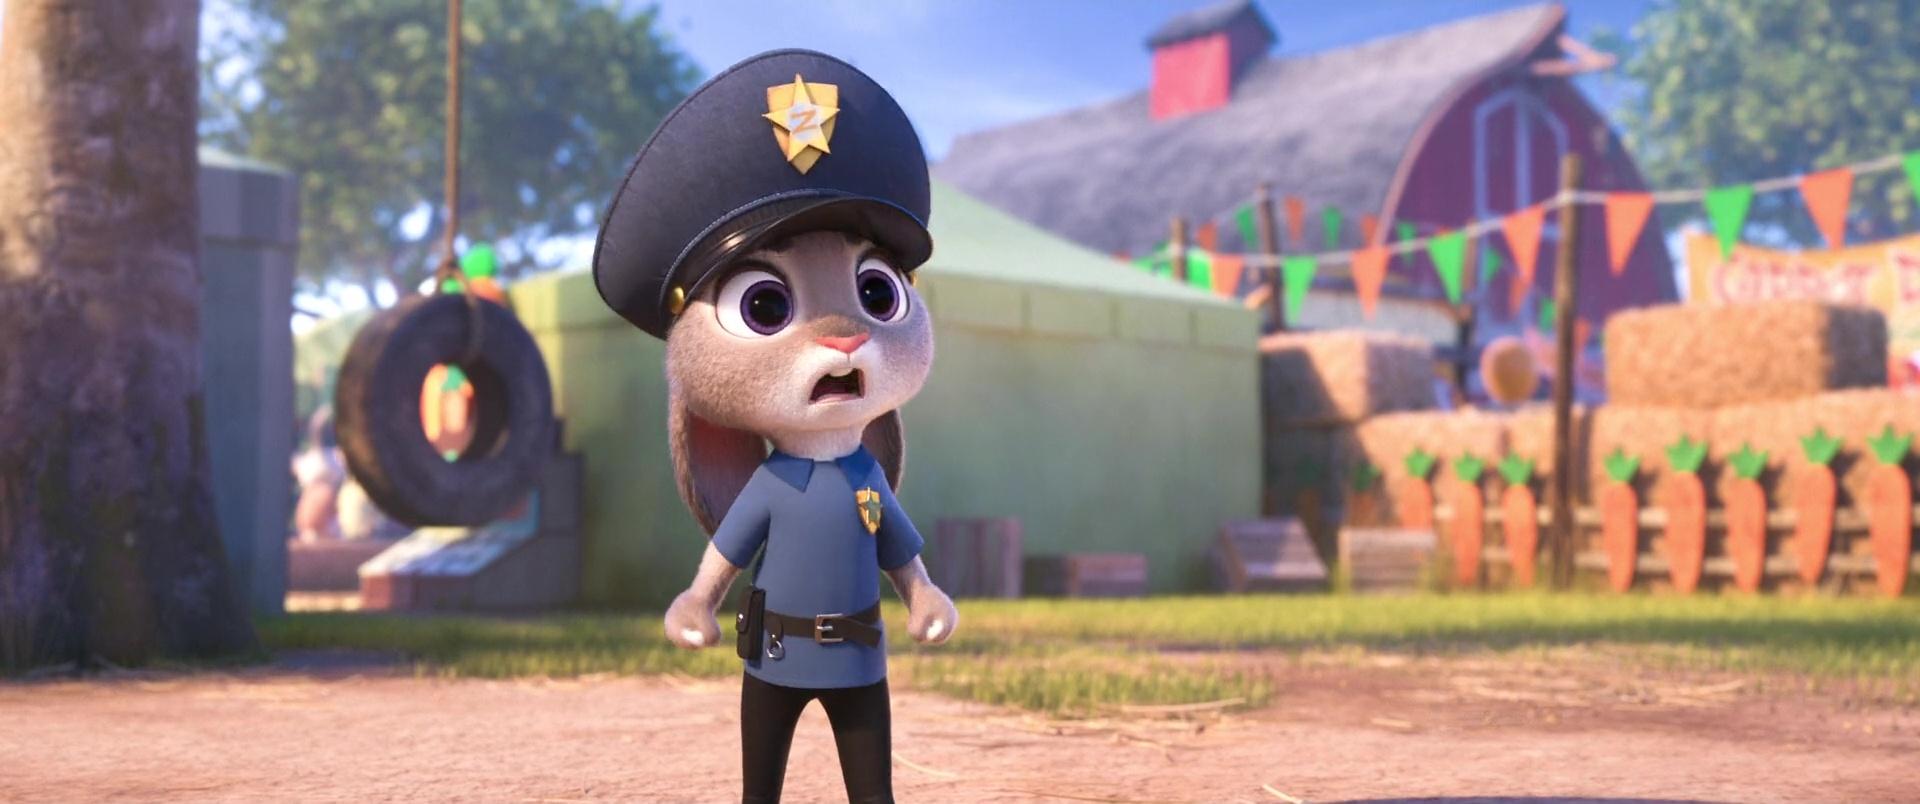 rencontre policier celibataire Noisy-le-Grand